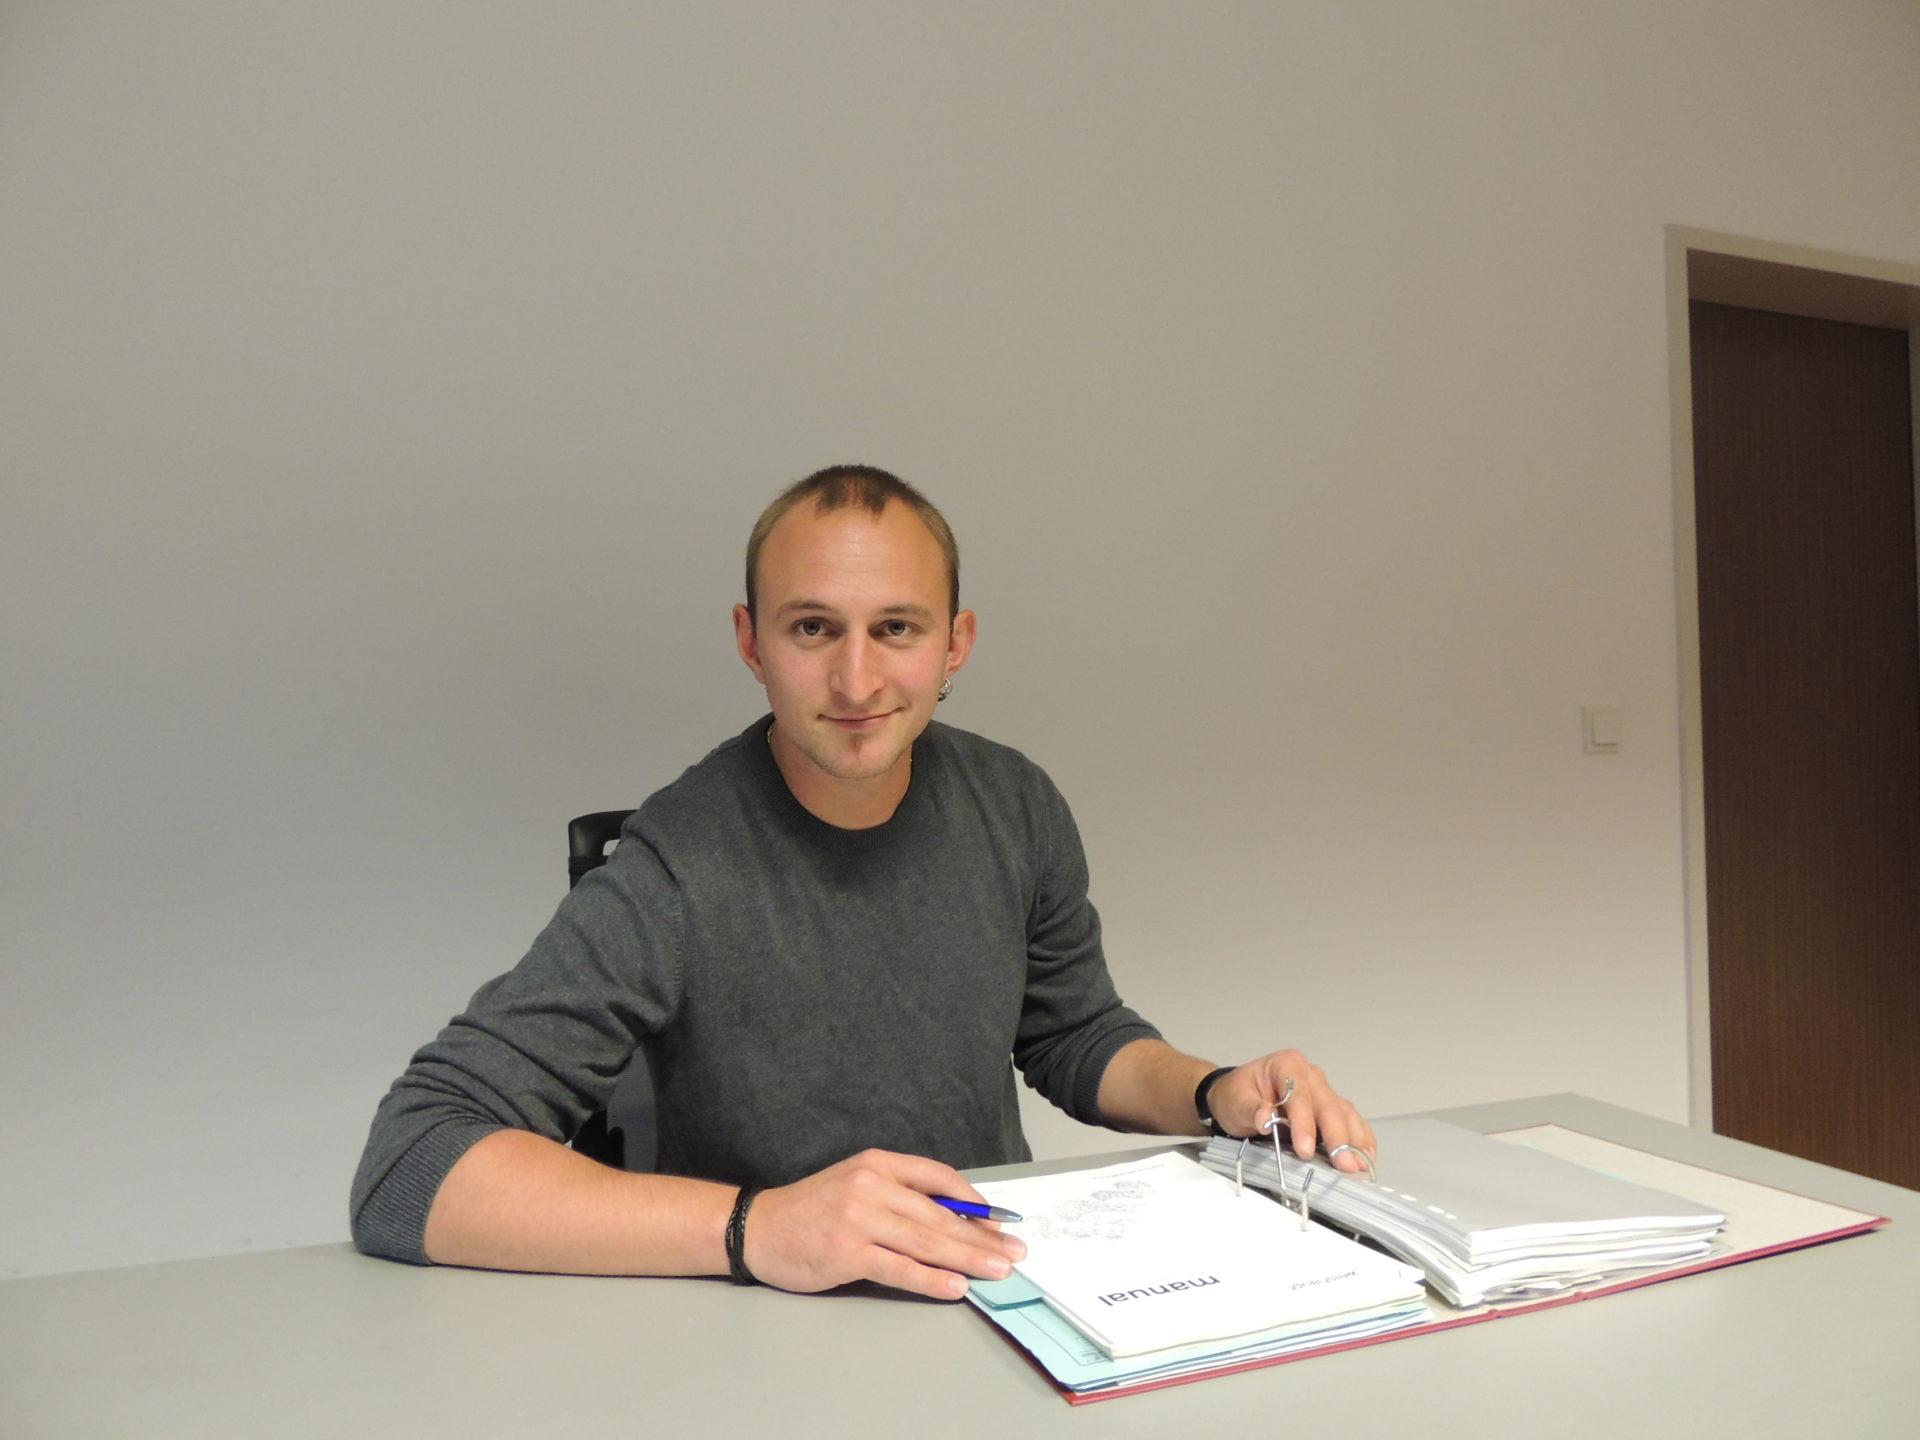 Marcel Juffinger